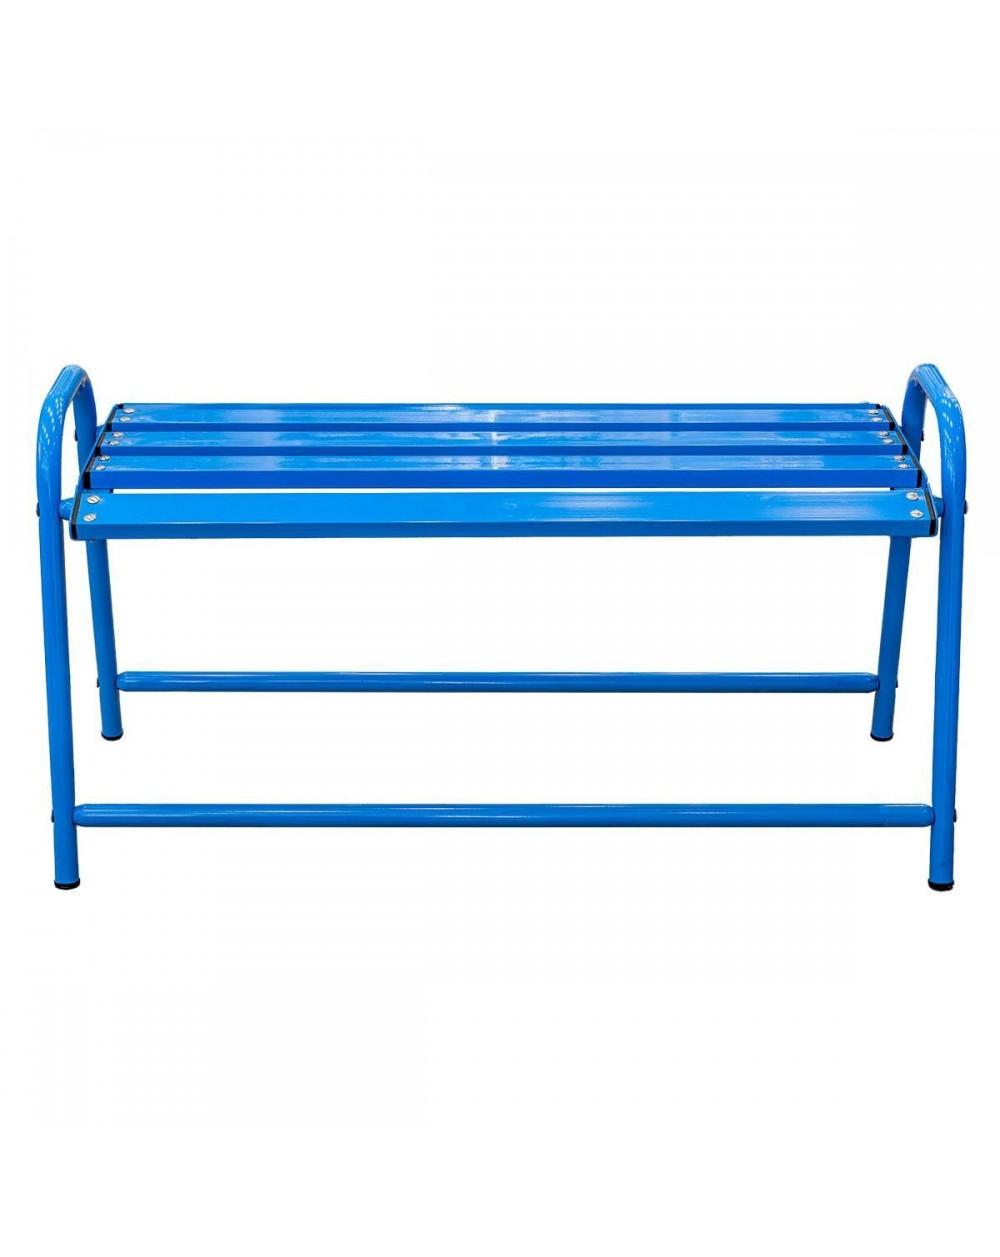 Acheter La Chaise Bleue